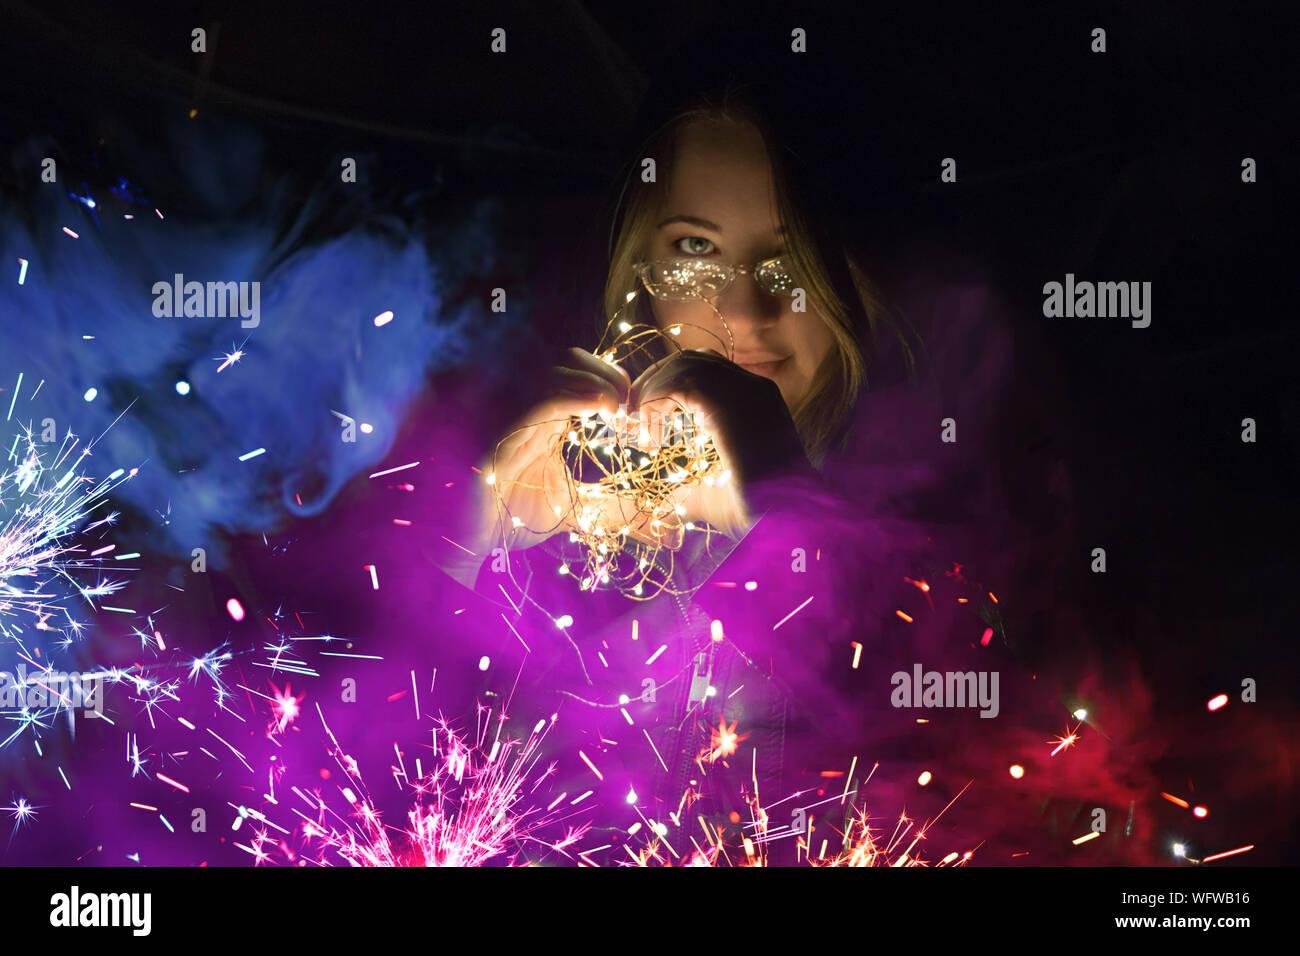 Portrait de femme en forme de coeur avec chaîne illuminé par des feux la nuit des étincelles colorées Banque D'Images